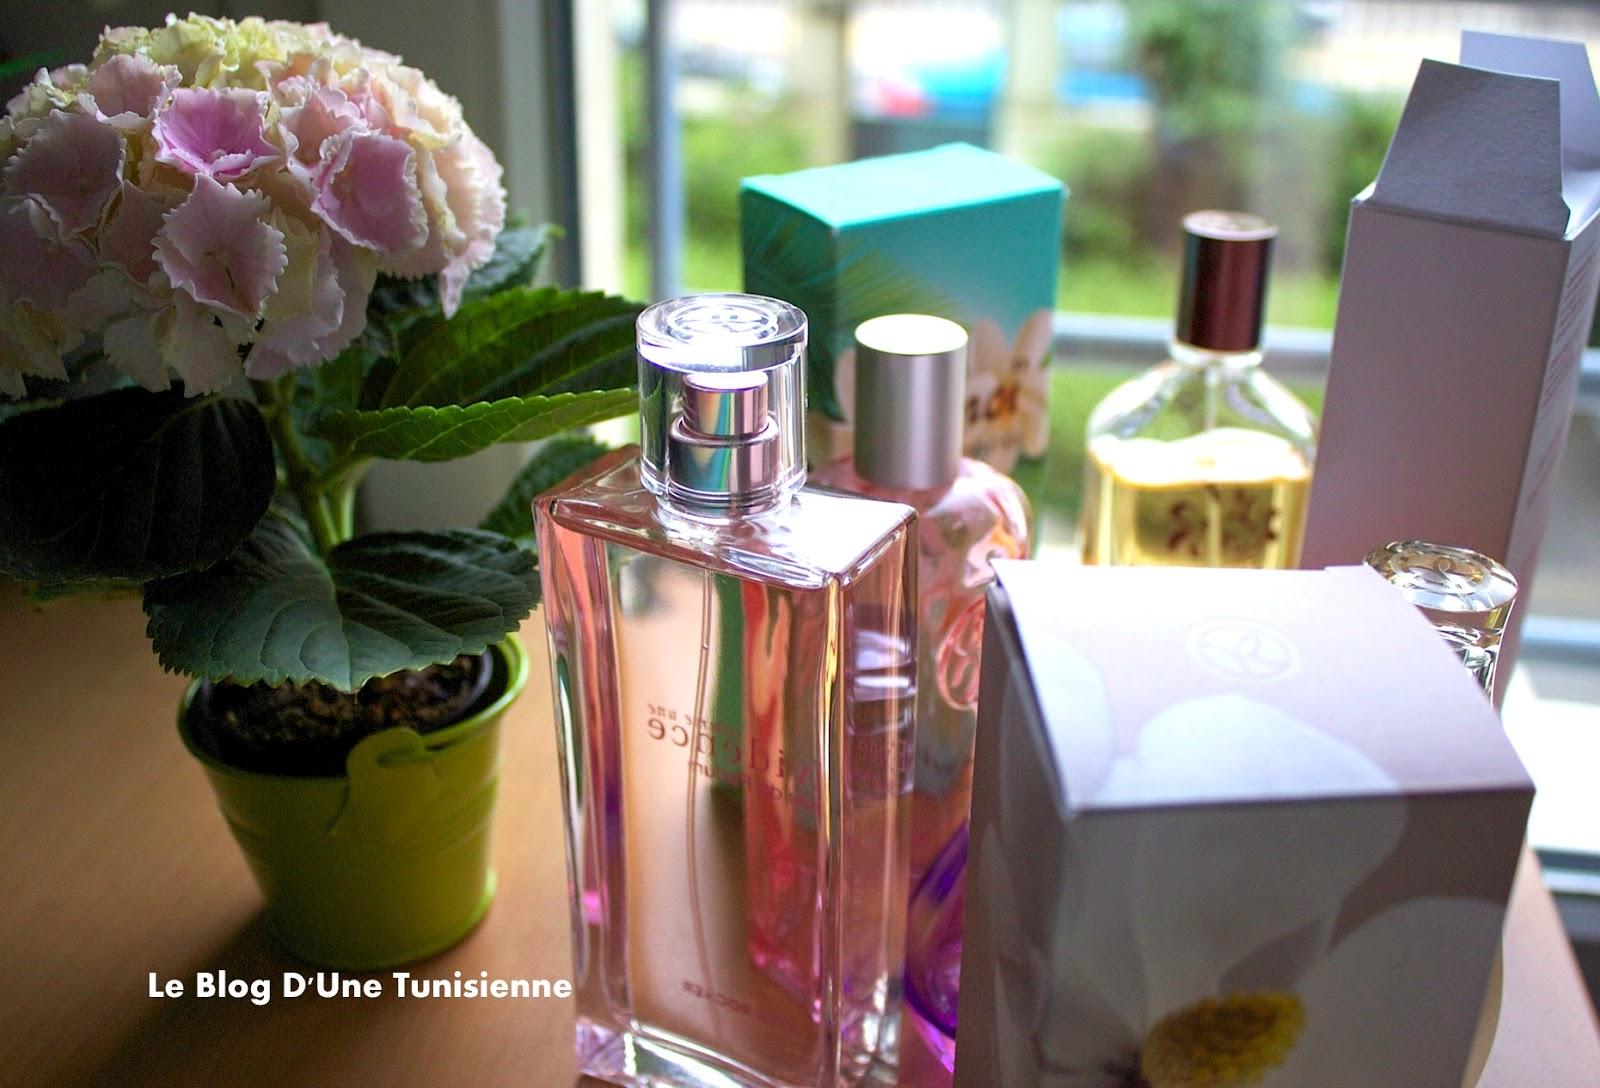 Mes Parfums Yves Rocher Je Rachète Ou Pas Le Blog Dune Tunisienne